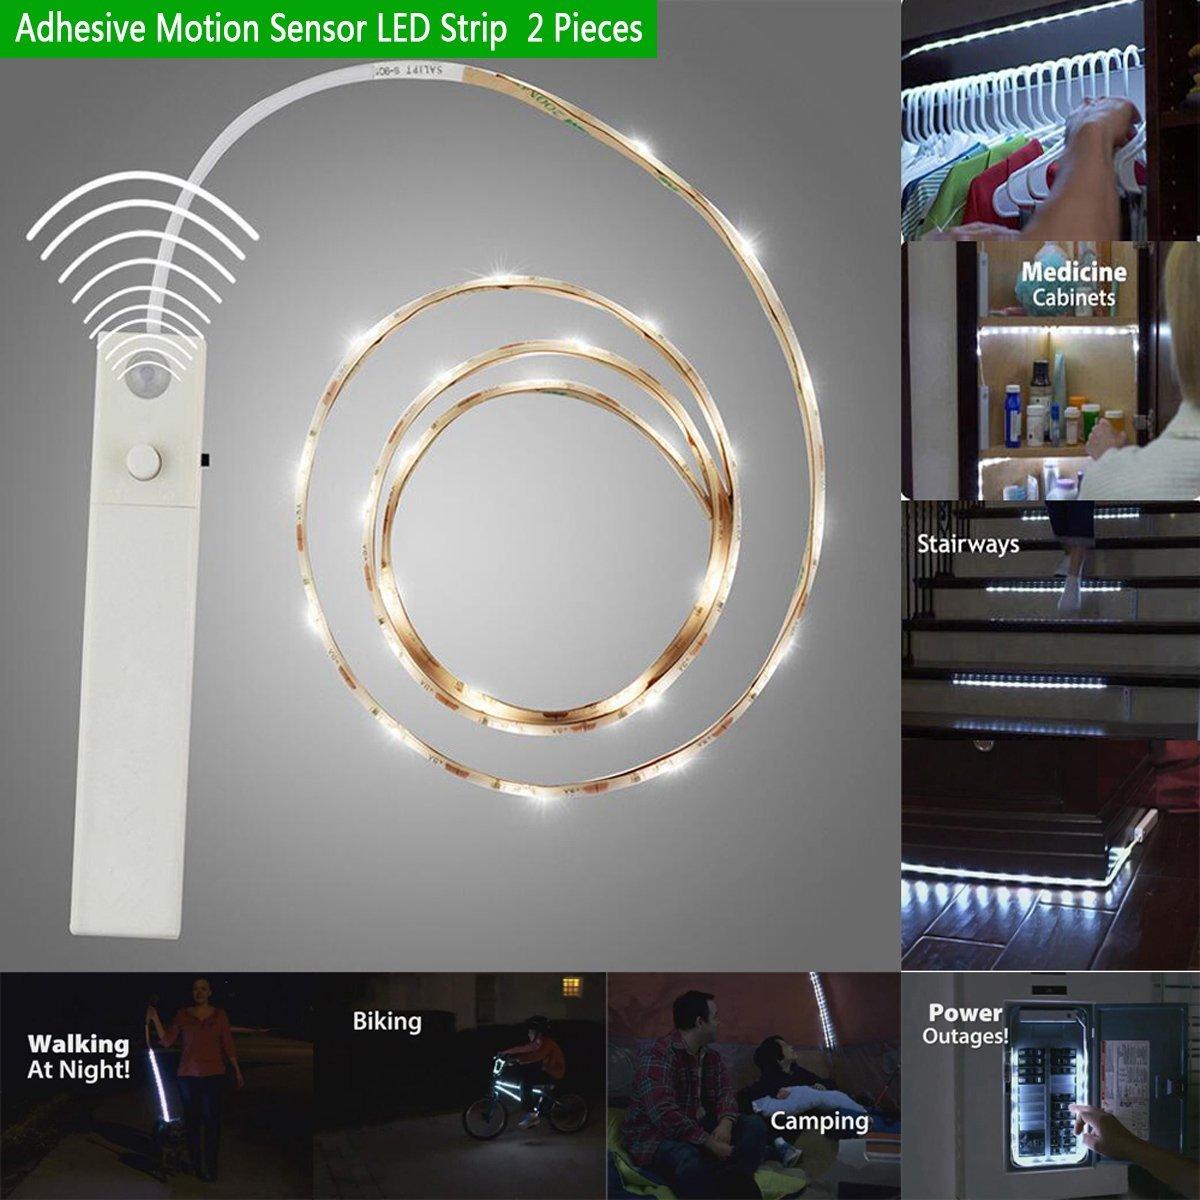 motion sensor led strip lights. Black Bedroom Furniture Sets. Home Design Ideas